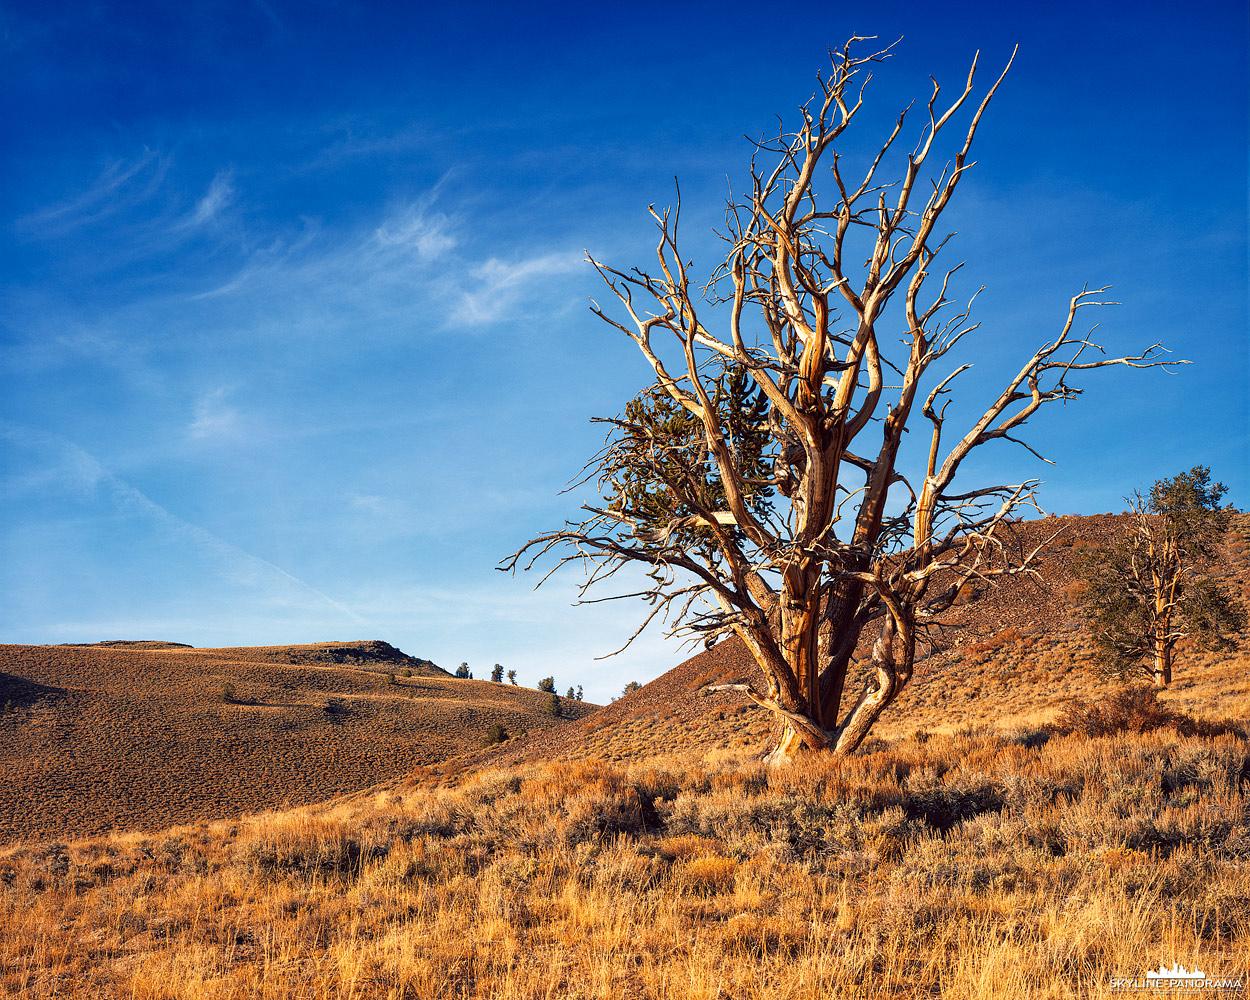 """4x5"""" auf Velvia 50 - In den Hochebenen der White Mountains in Kalifornien, auf etwa 3000 Meter über dem Mehrensspiegel, stehen ein paar der ältesten Bäume der Erde, deren Name ist Methuselah Baum, eine """"Langlebige Kiefer"""" die in dieser Region ca. 4800 Jahre alt sind. Wie alt genau der hier abgebildete Methuselah Tree ist, kann ich leider nicht angeben."""